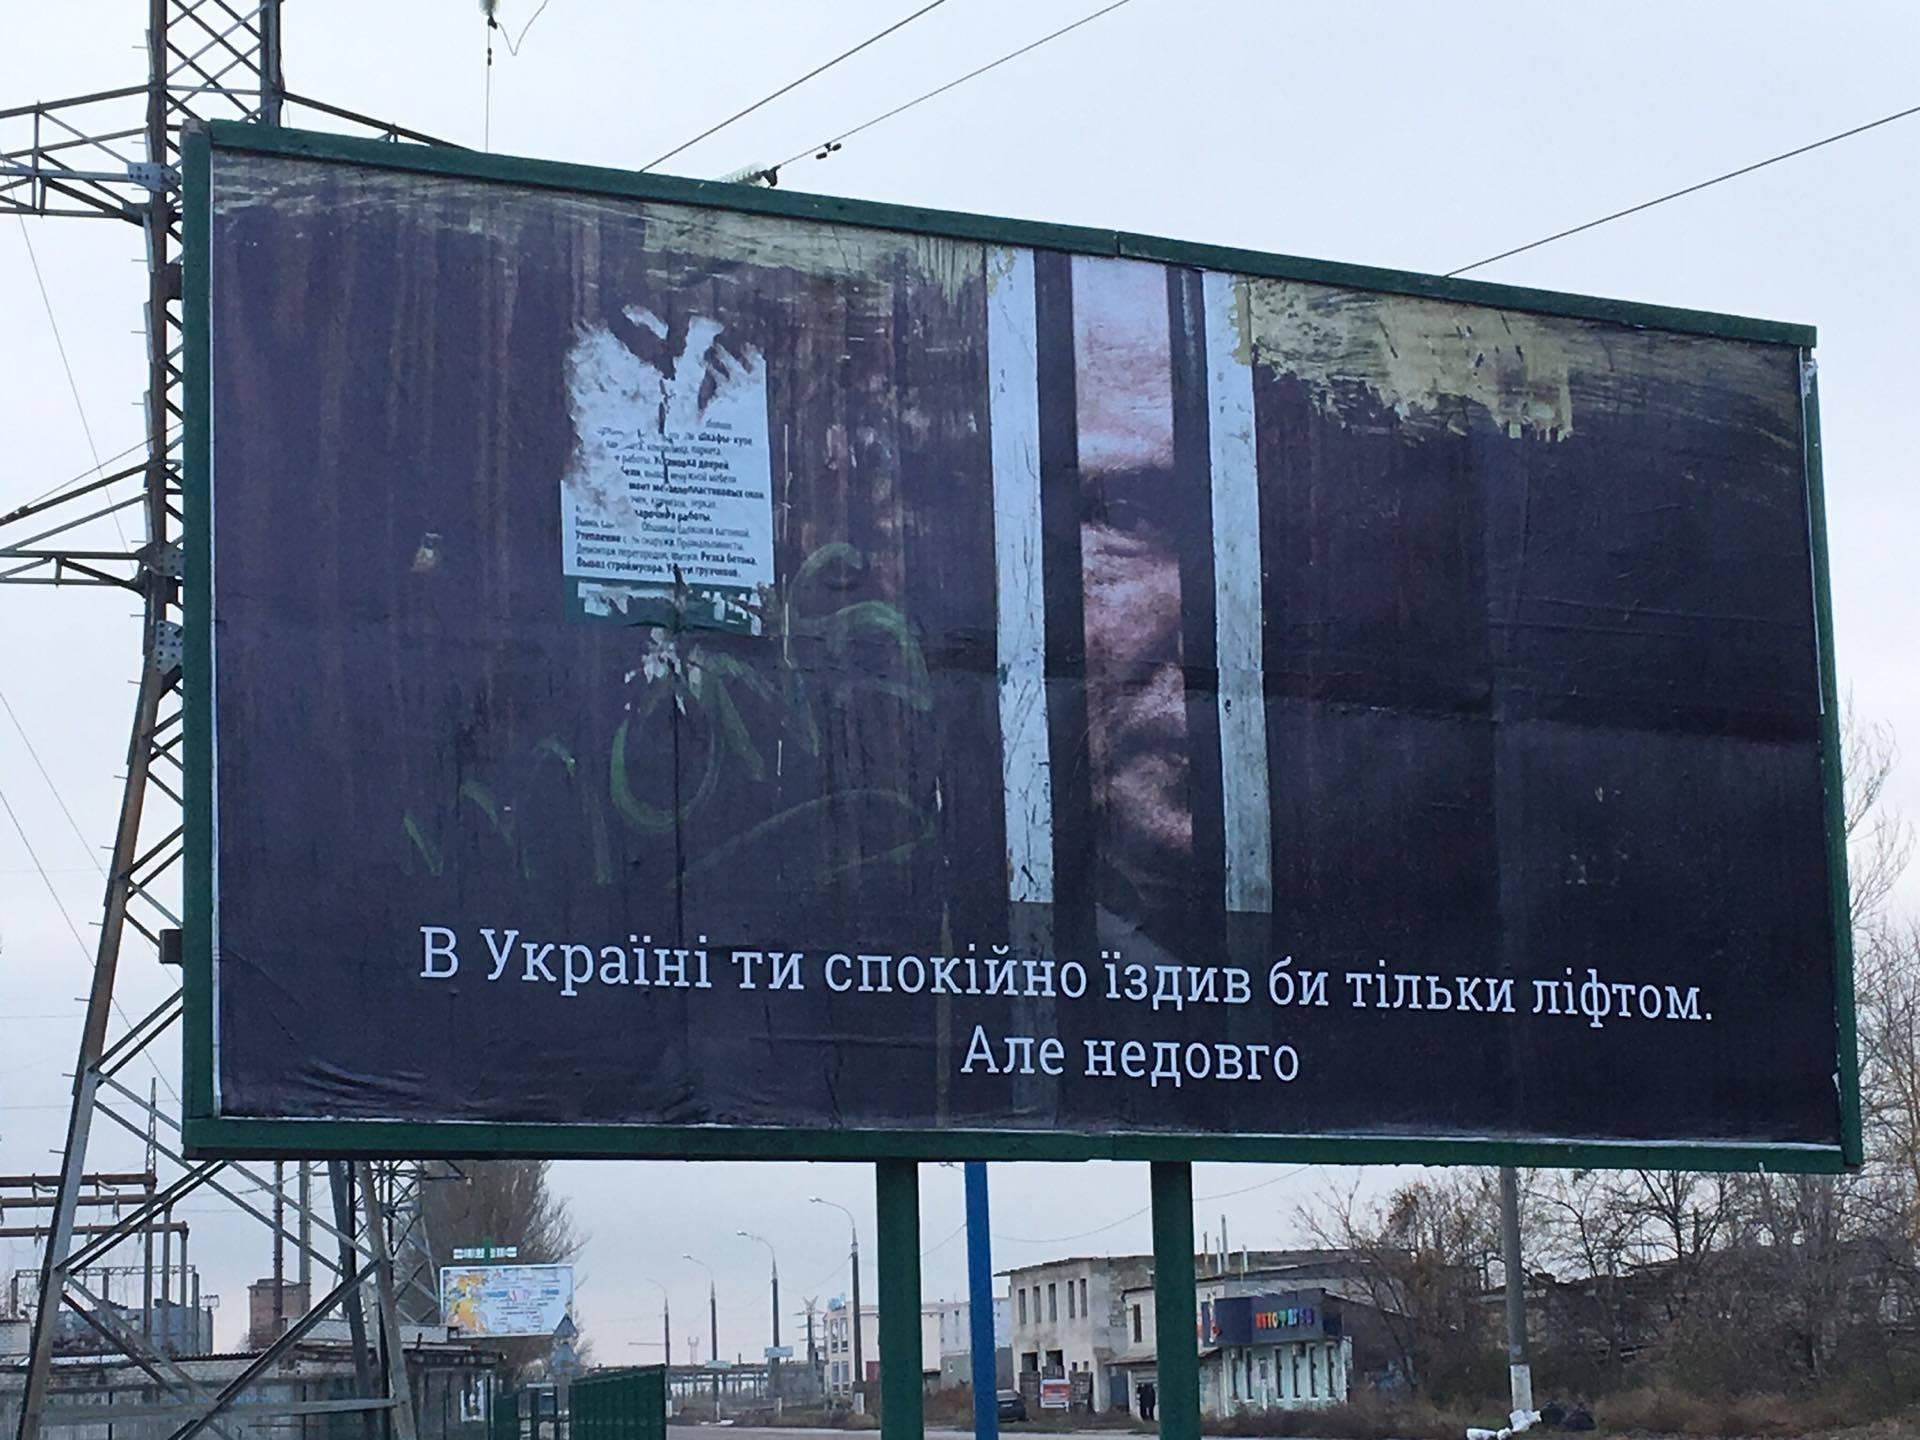 Укрымской границы повесили В. Путина влифте